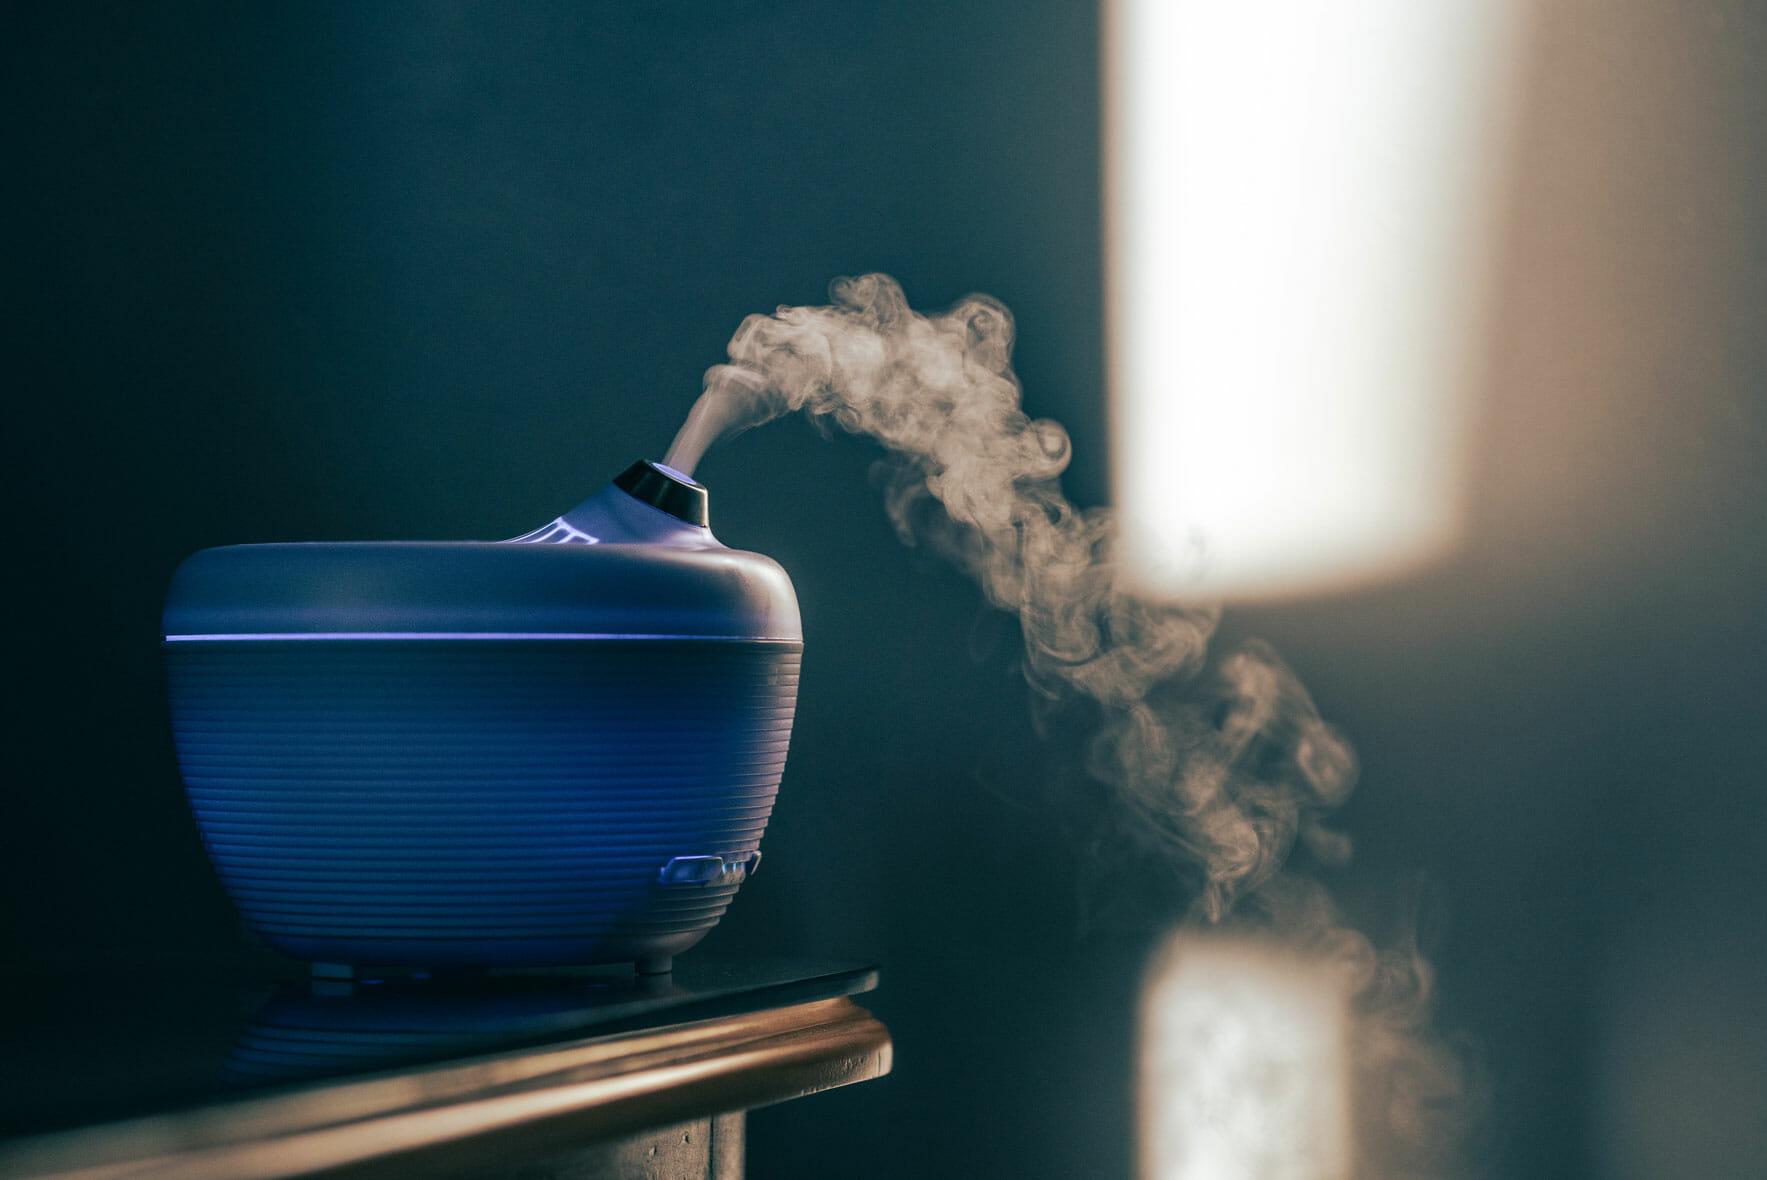 Diffusore ambientale azzurro. Spruzza del fumo probabilmente aromatizzato.